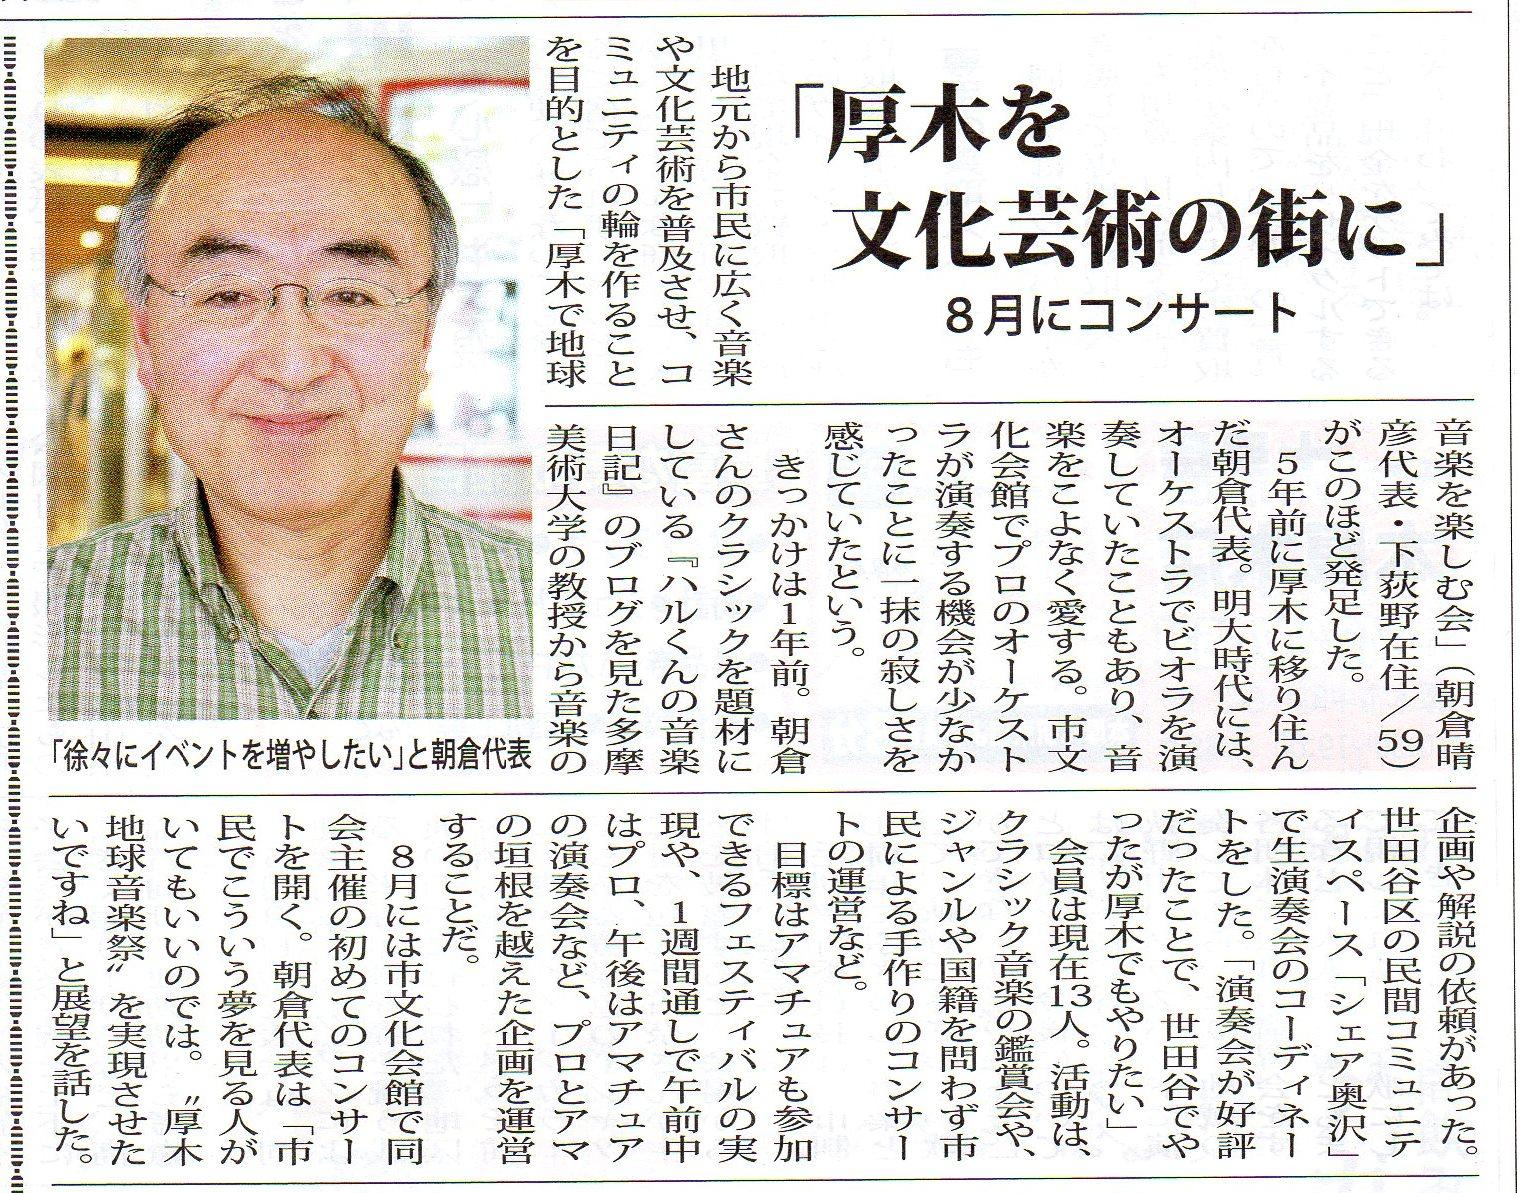 Town_news20150515s_2